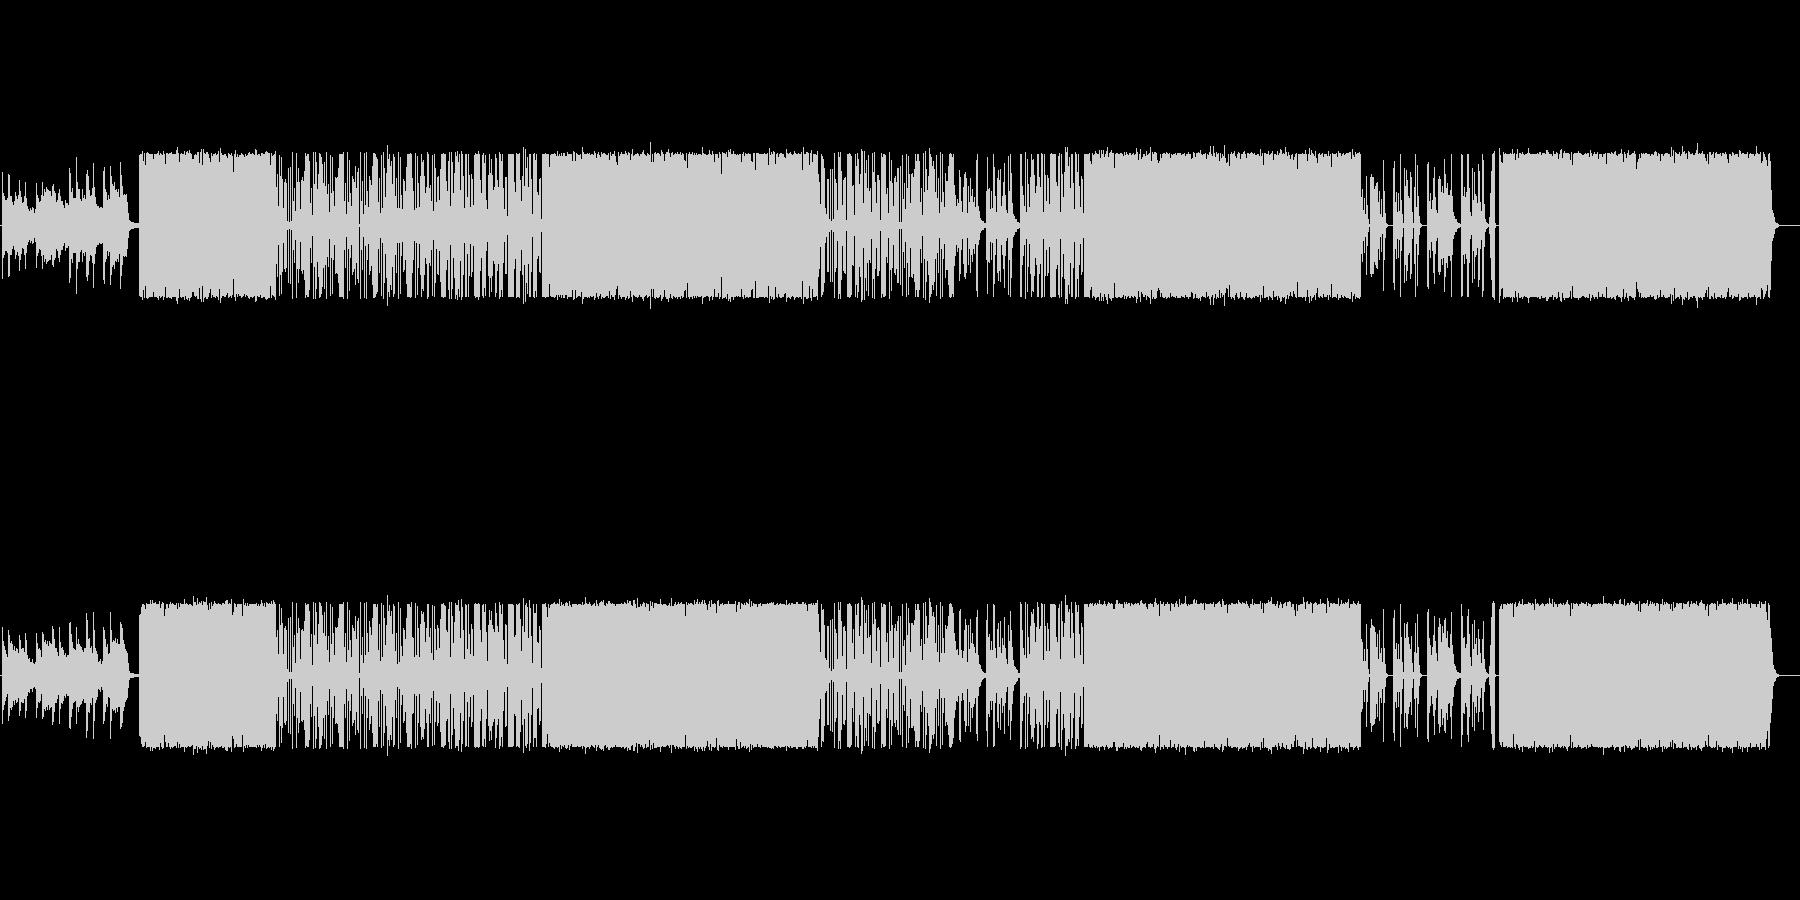 ピアノ/ブラス/大人/動画向き/#2の未再生の波形